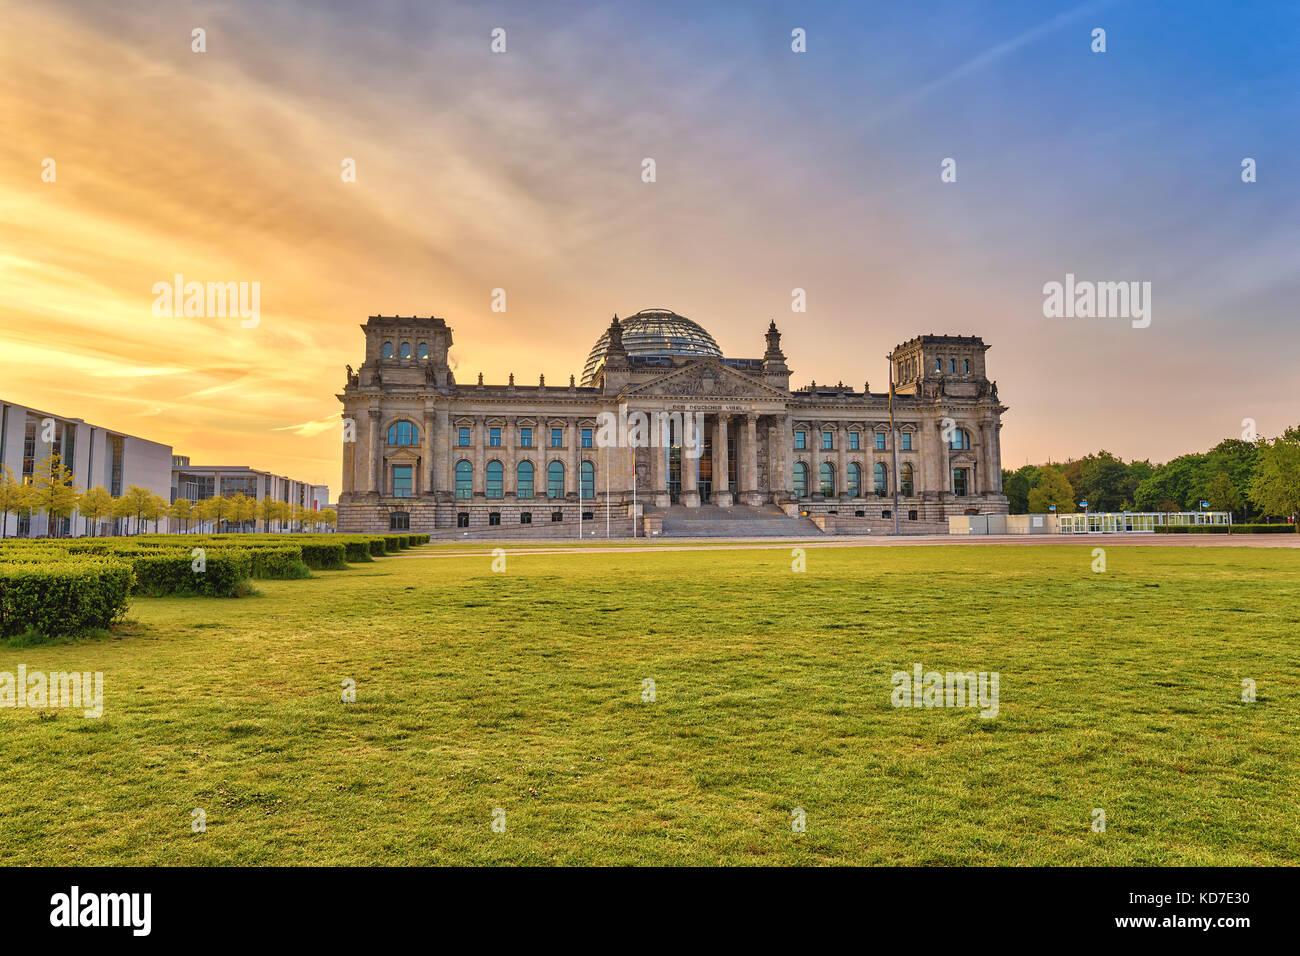 Lever du soleil sur les toits de la ville de Berlin au Reichstag (Parlement allemand), Berlin, Allemagne Photo Stock